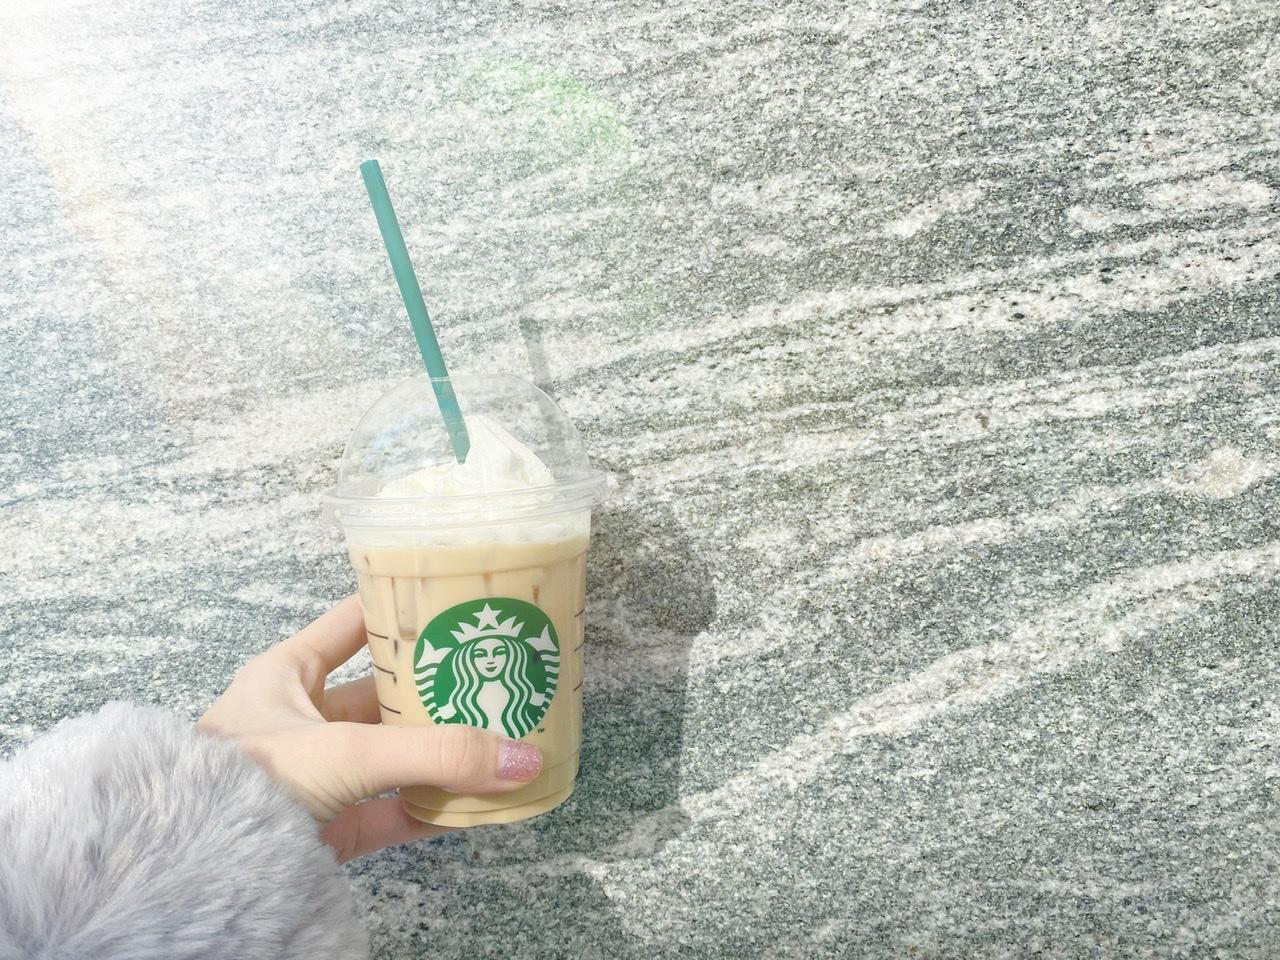 【スタバ新作】ほうじ茶 クリーム ラテ ♡ フラペチーノならわらびもちカスタマイズも!?_1